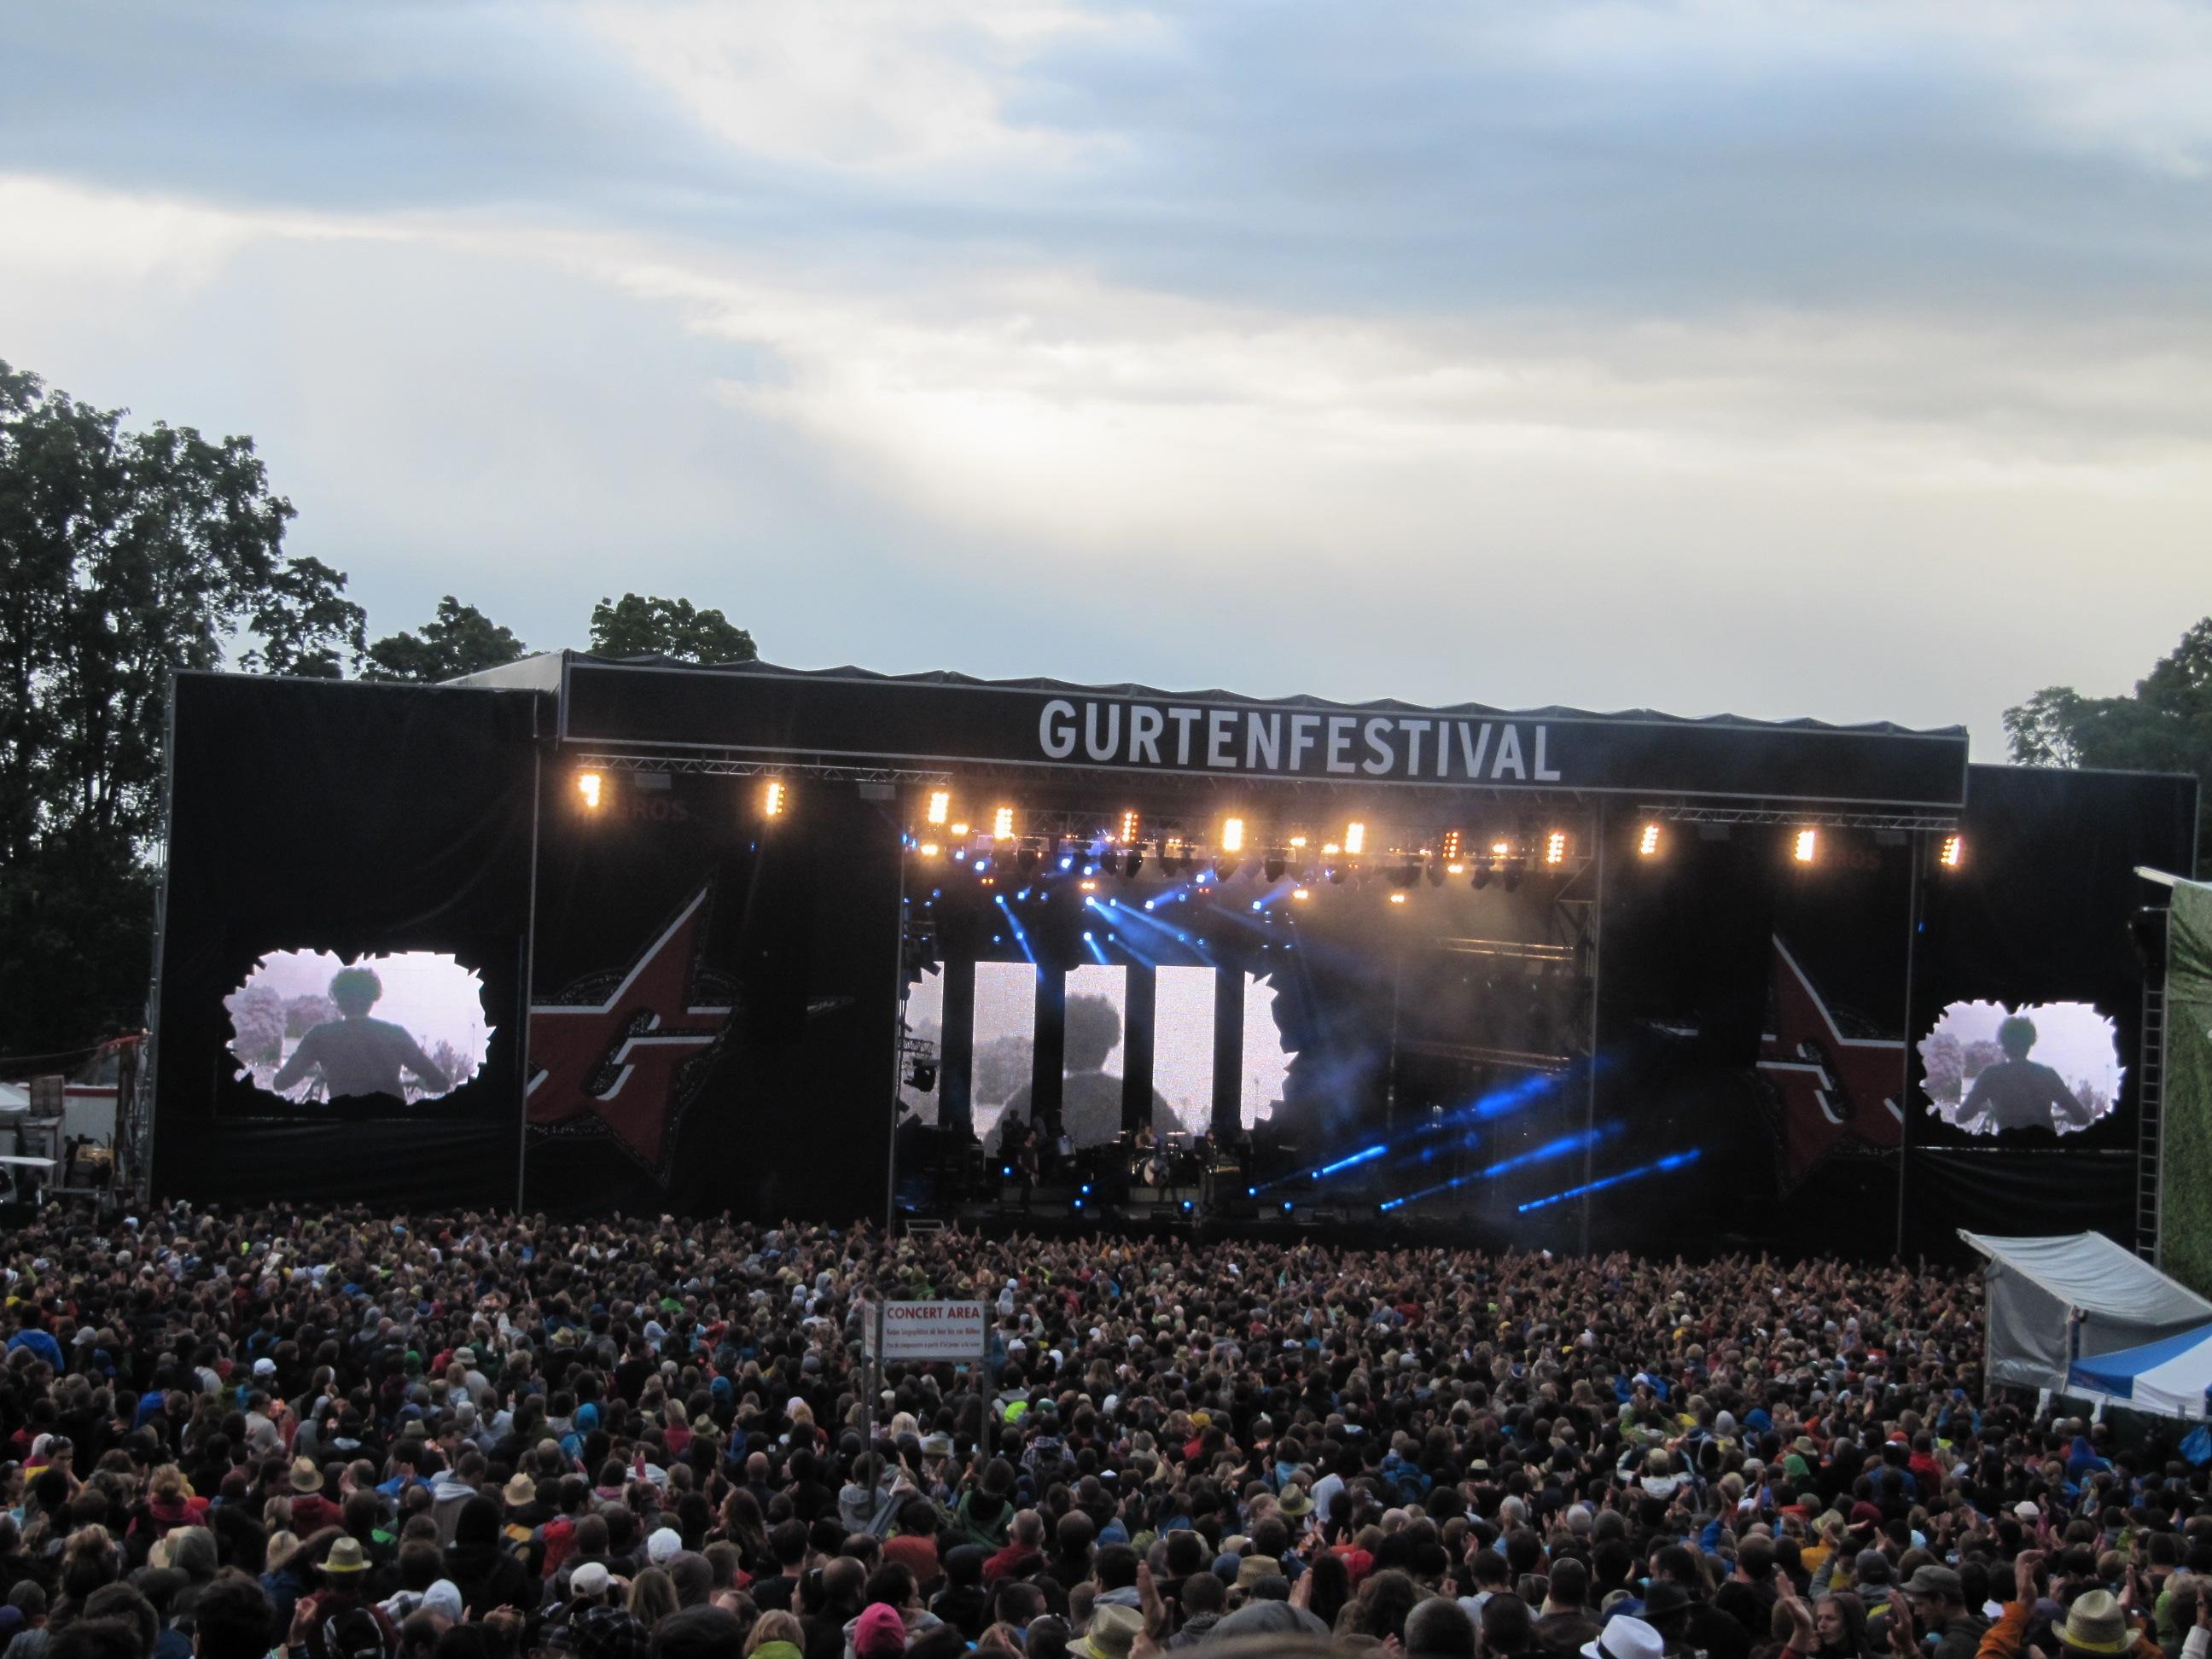 Gurtenfestival 2012